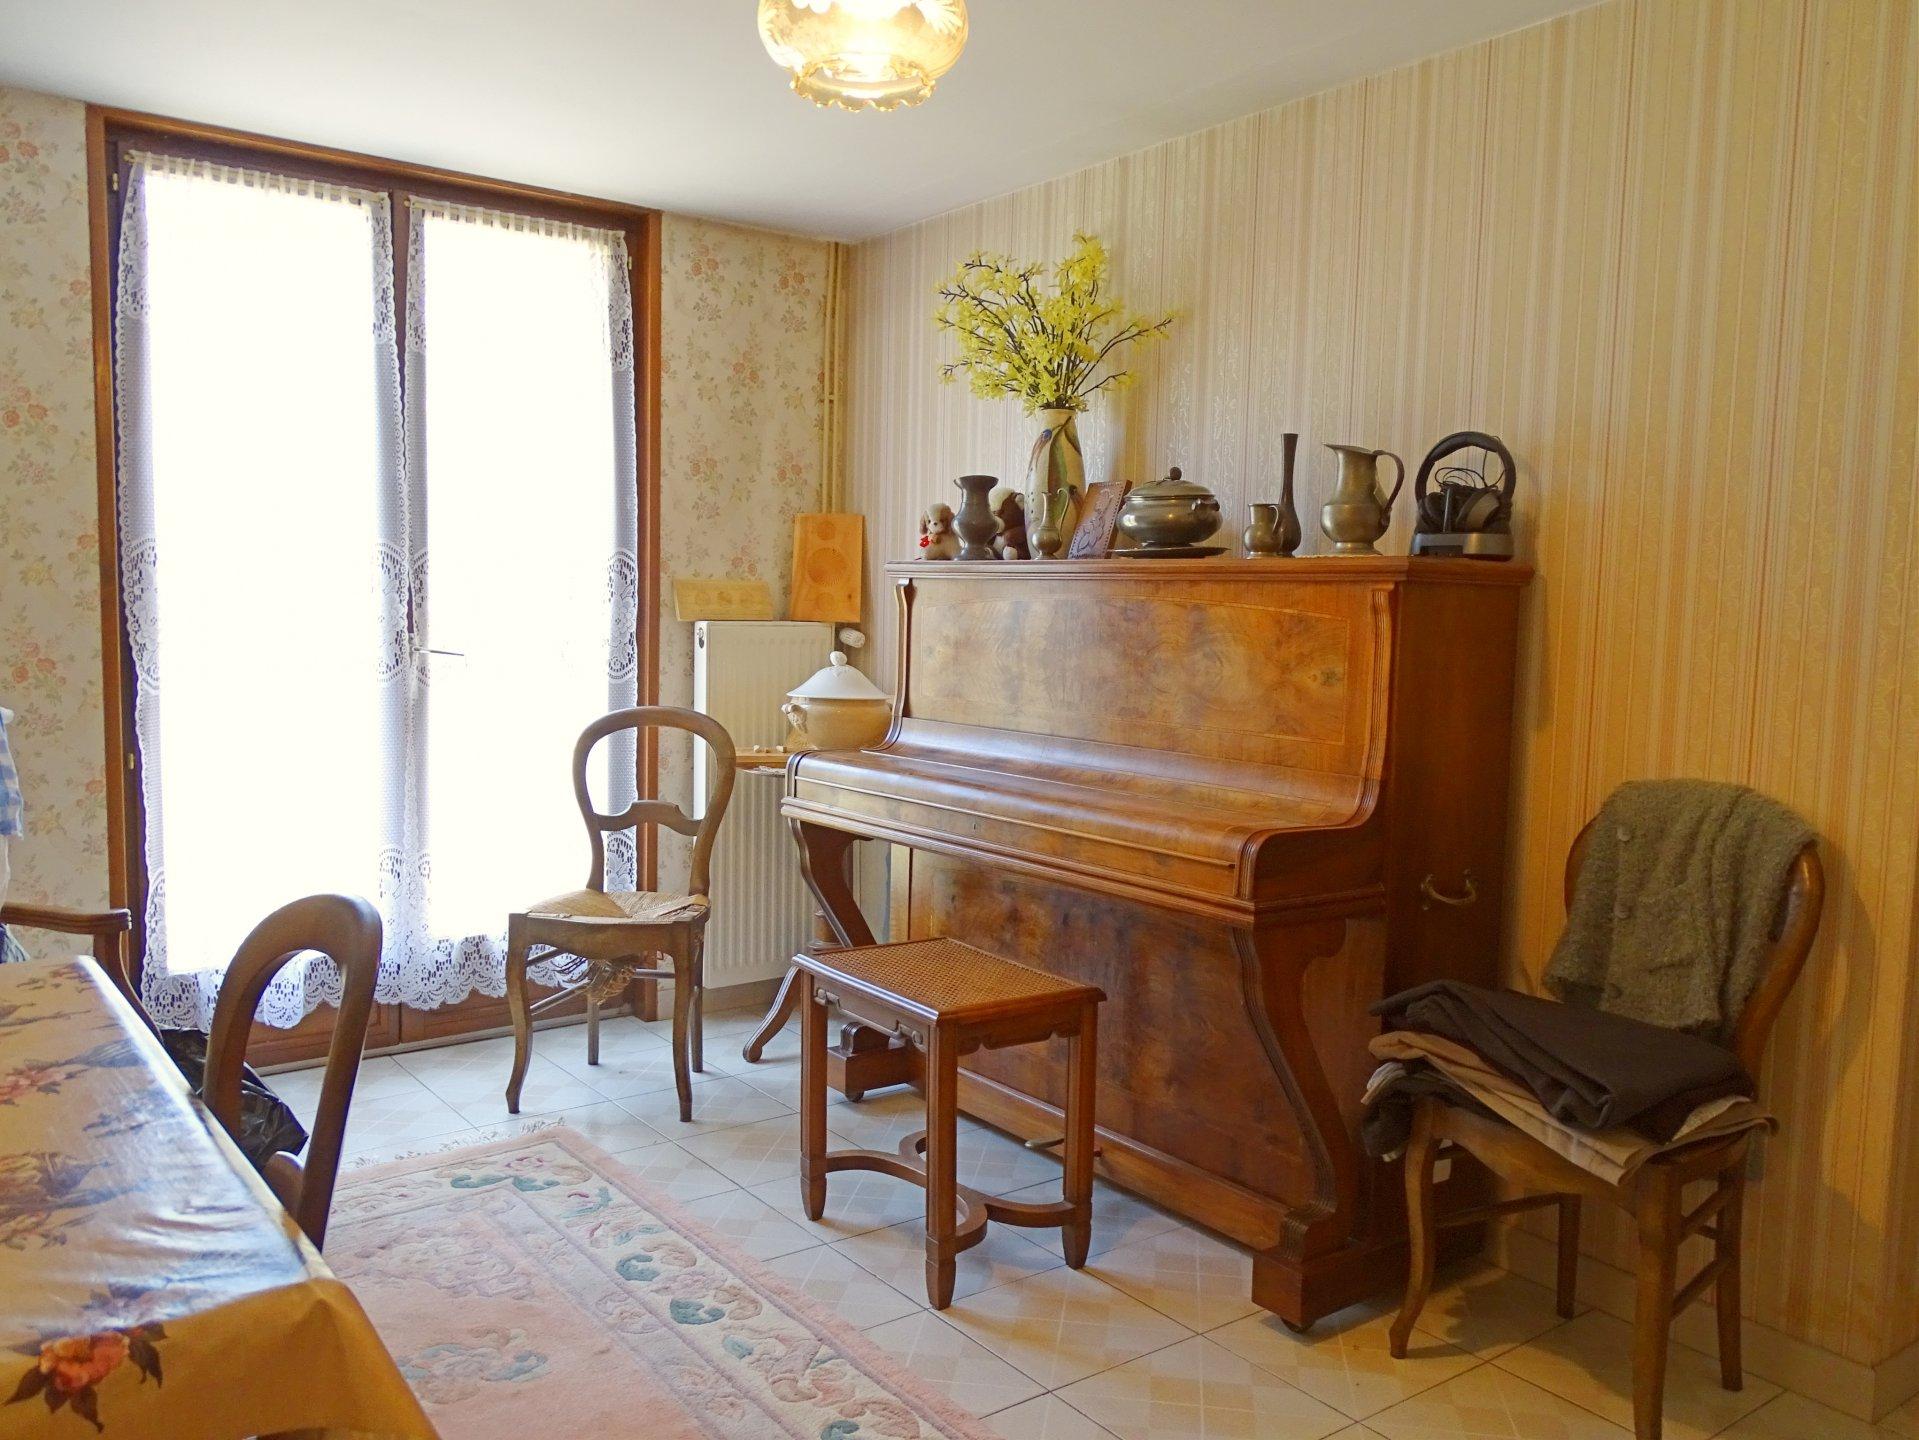 Chevagny les chevrières, à 5 mn de Charnay les Mâcon, dans un quartier calme proche du centre du village, maison parfaitement bien entretenue d'environ 130 m² hab.  Elle se compose d'un grand séjour ouvert sur une terrasse avec vue dégagée, d'une cuisine aménagée, de deux grandes chambres et d'une salle de bain au 1er étage.  En rez de chaussée, elle dispose d'une cuisine d'été et de deux chambres à proximité d'une seconde terrasse. Garage, cave et petite dépendance complètent cette jolie maison.  Construction et environnement de qualité ! A visiter sans tarder !  Honoraires à charge vendeurs